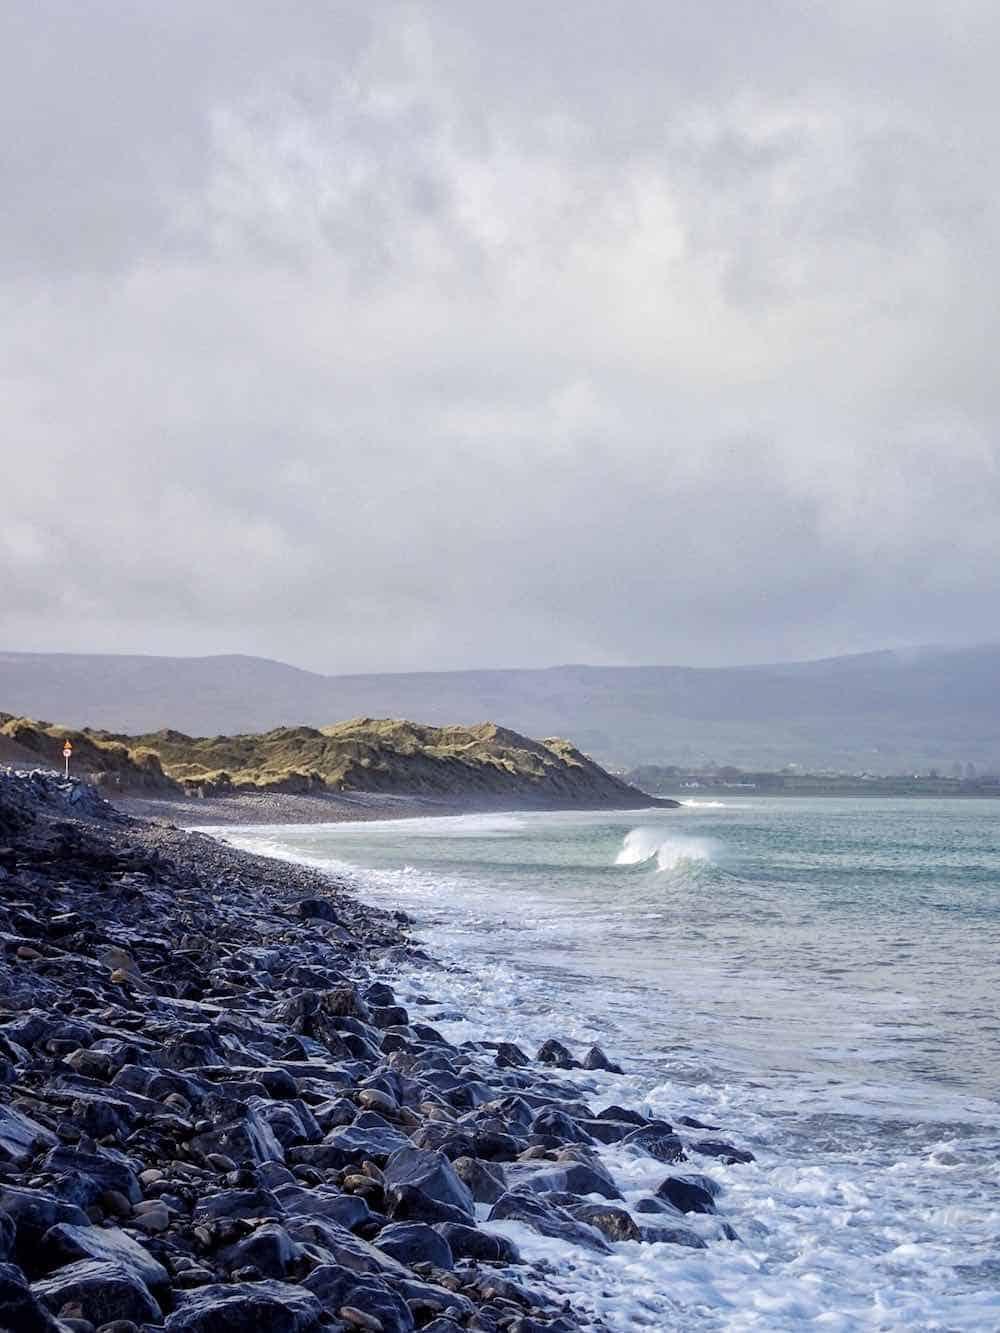 Strandhill beach Sligo Ireland